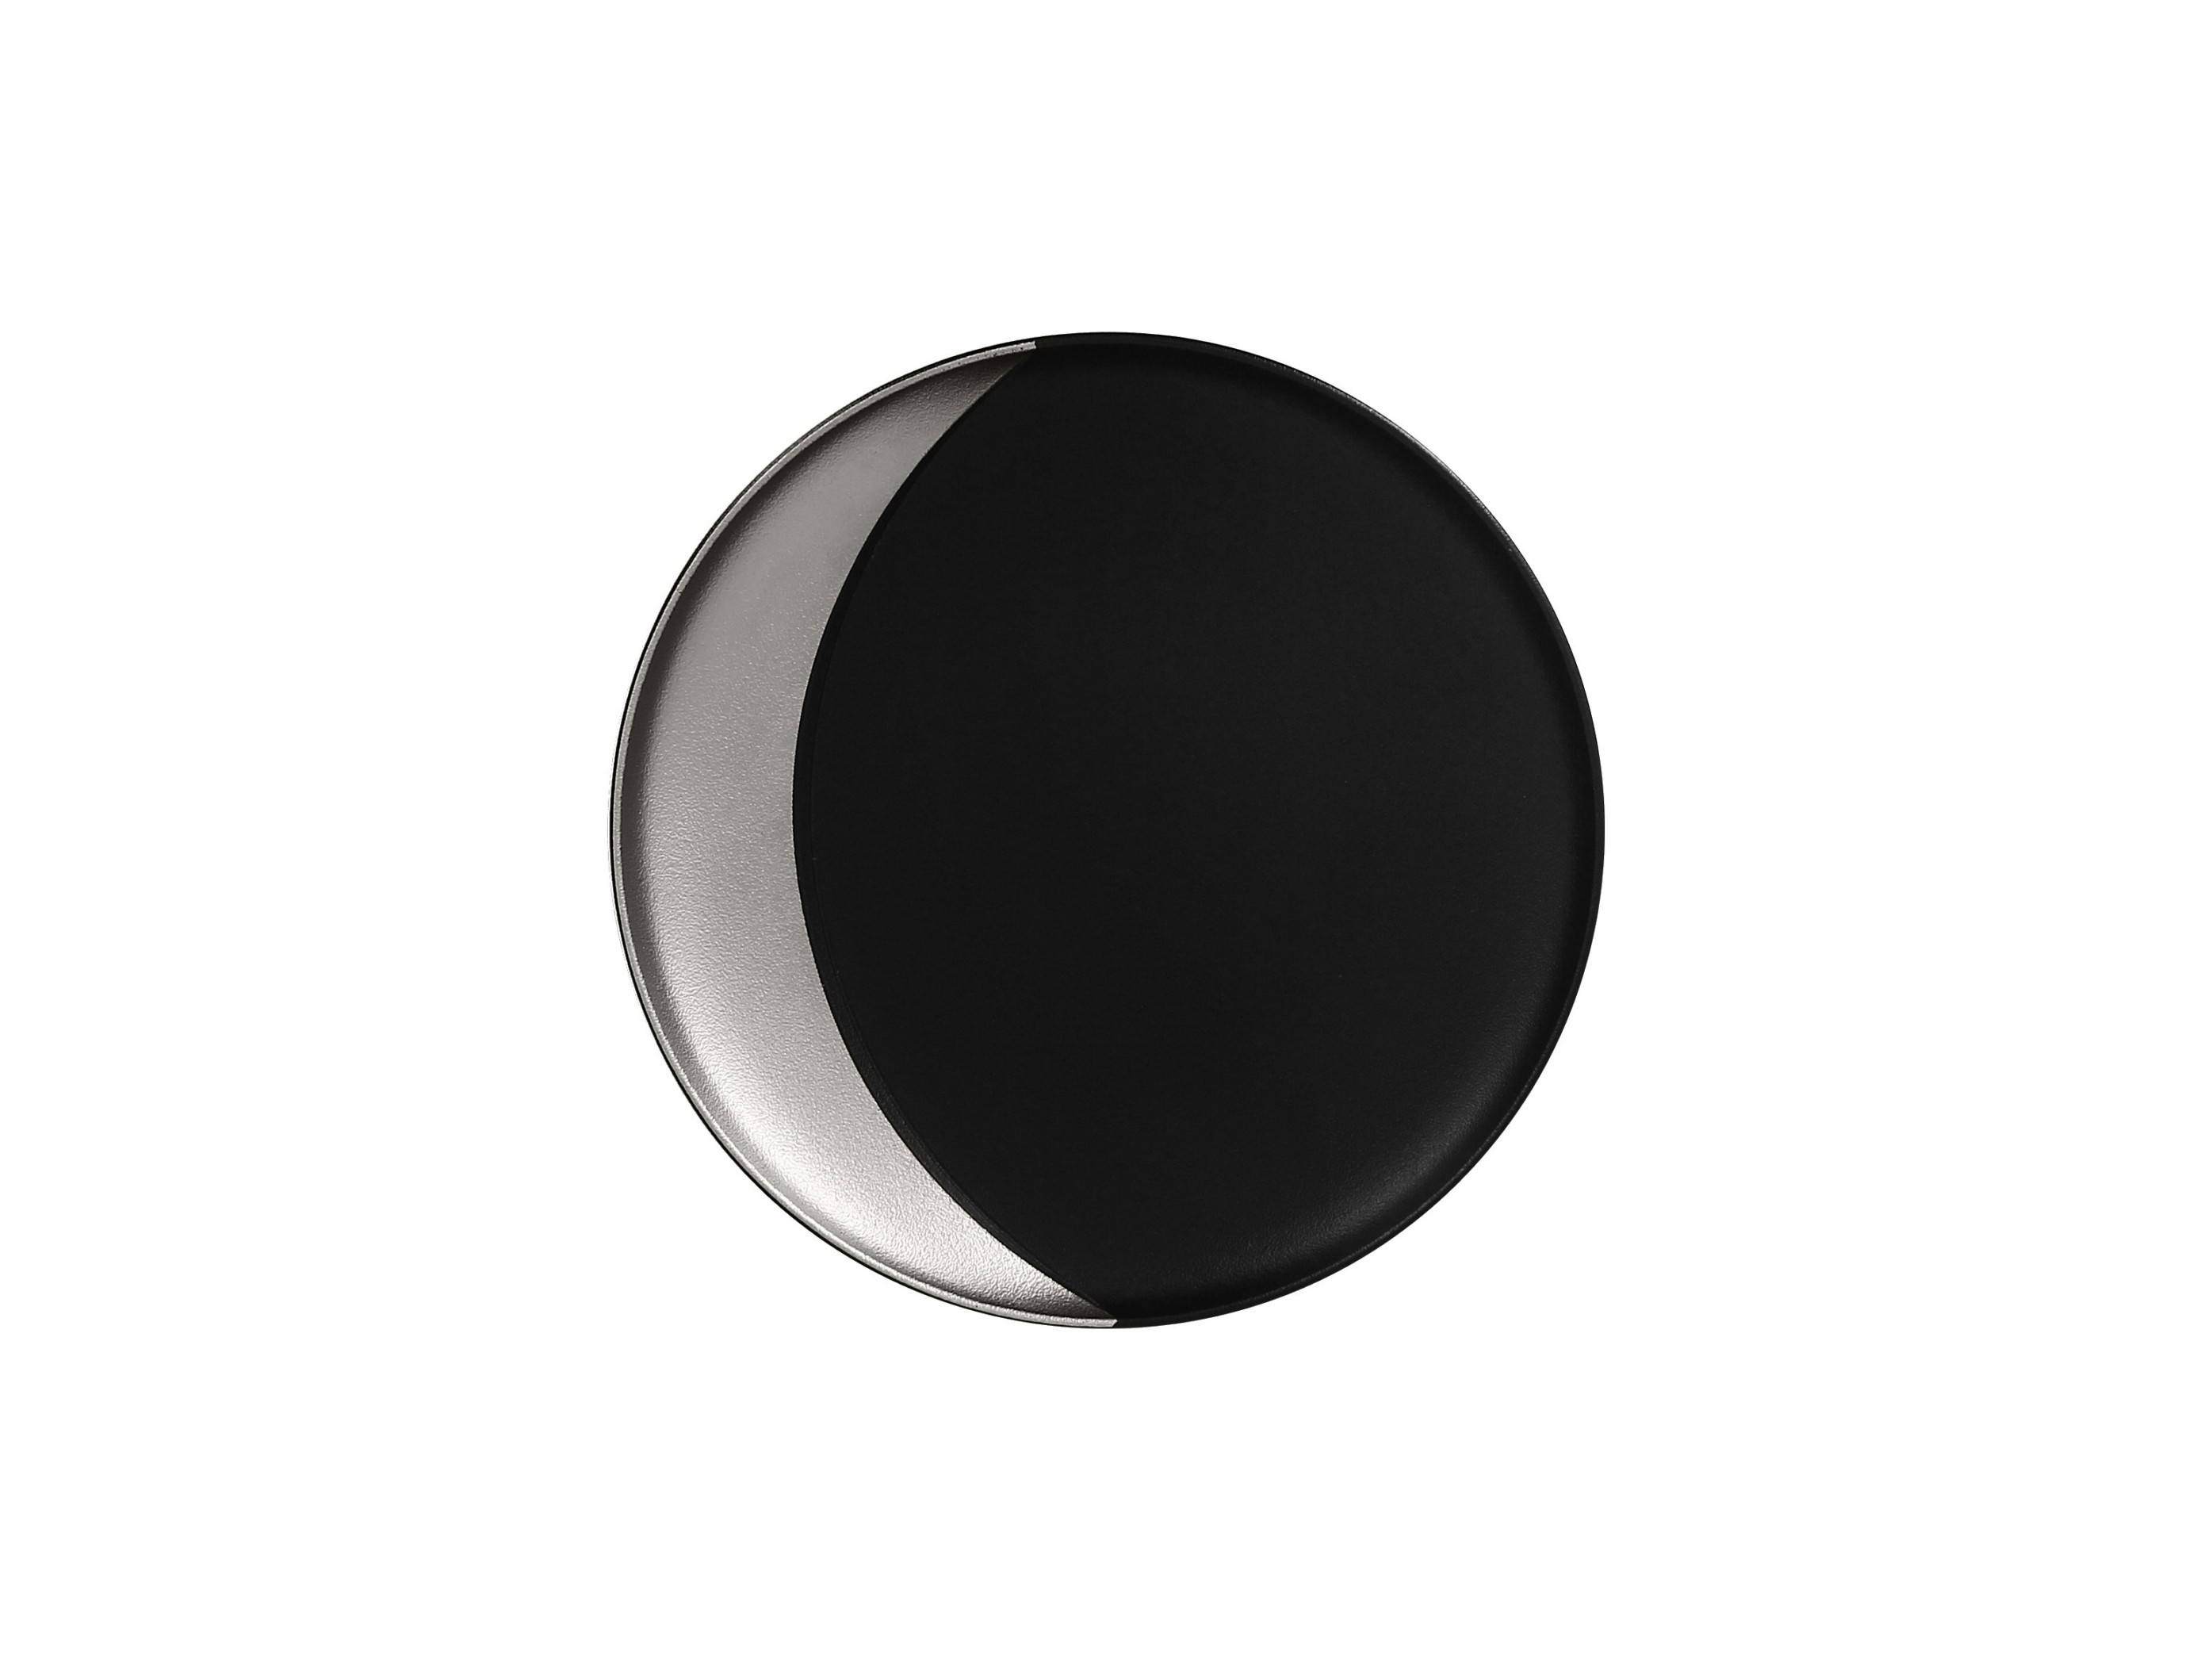 RAK | Metalfusion talíř hluboký pr. 24 cm, černo-stříbrný